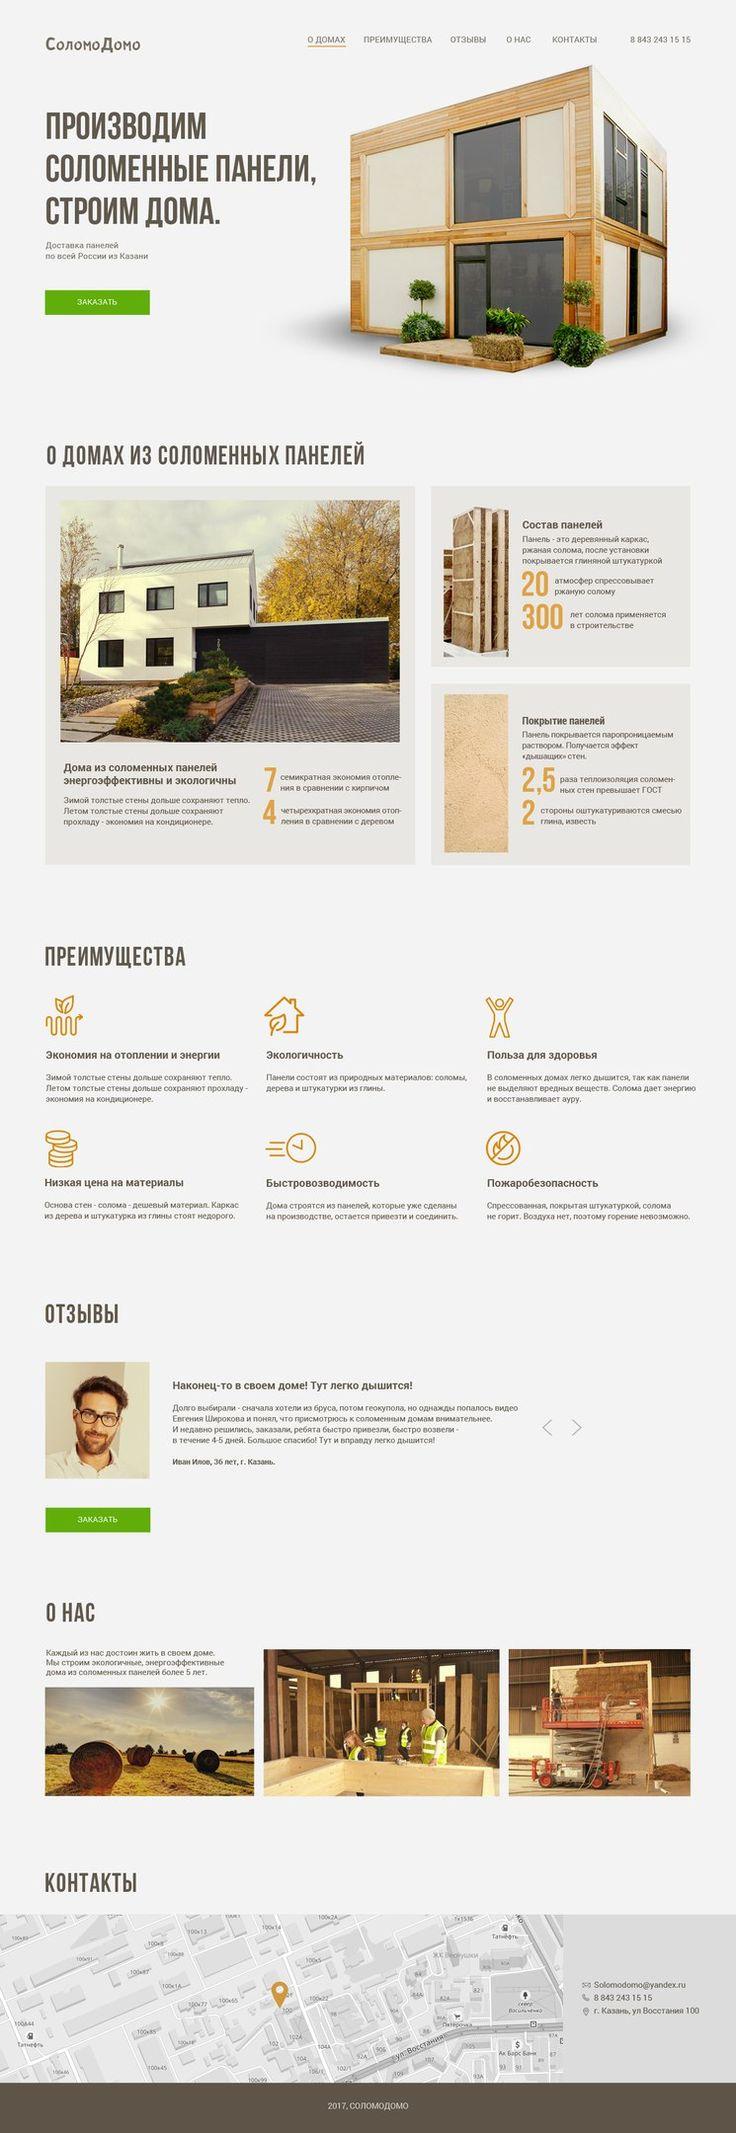 Фотографии WDI Intensive 29.01 Курс/обучение веб-дизайну – 117 альбомов